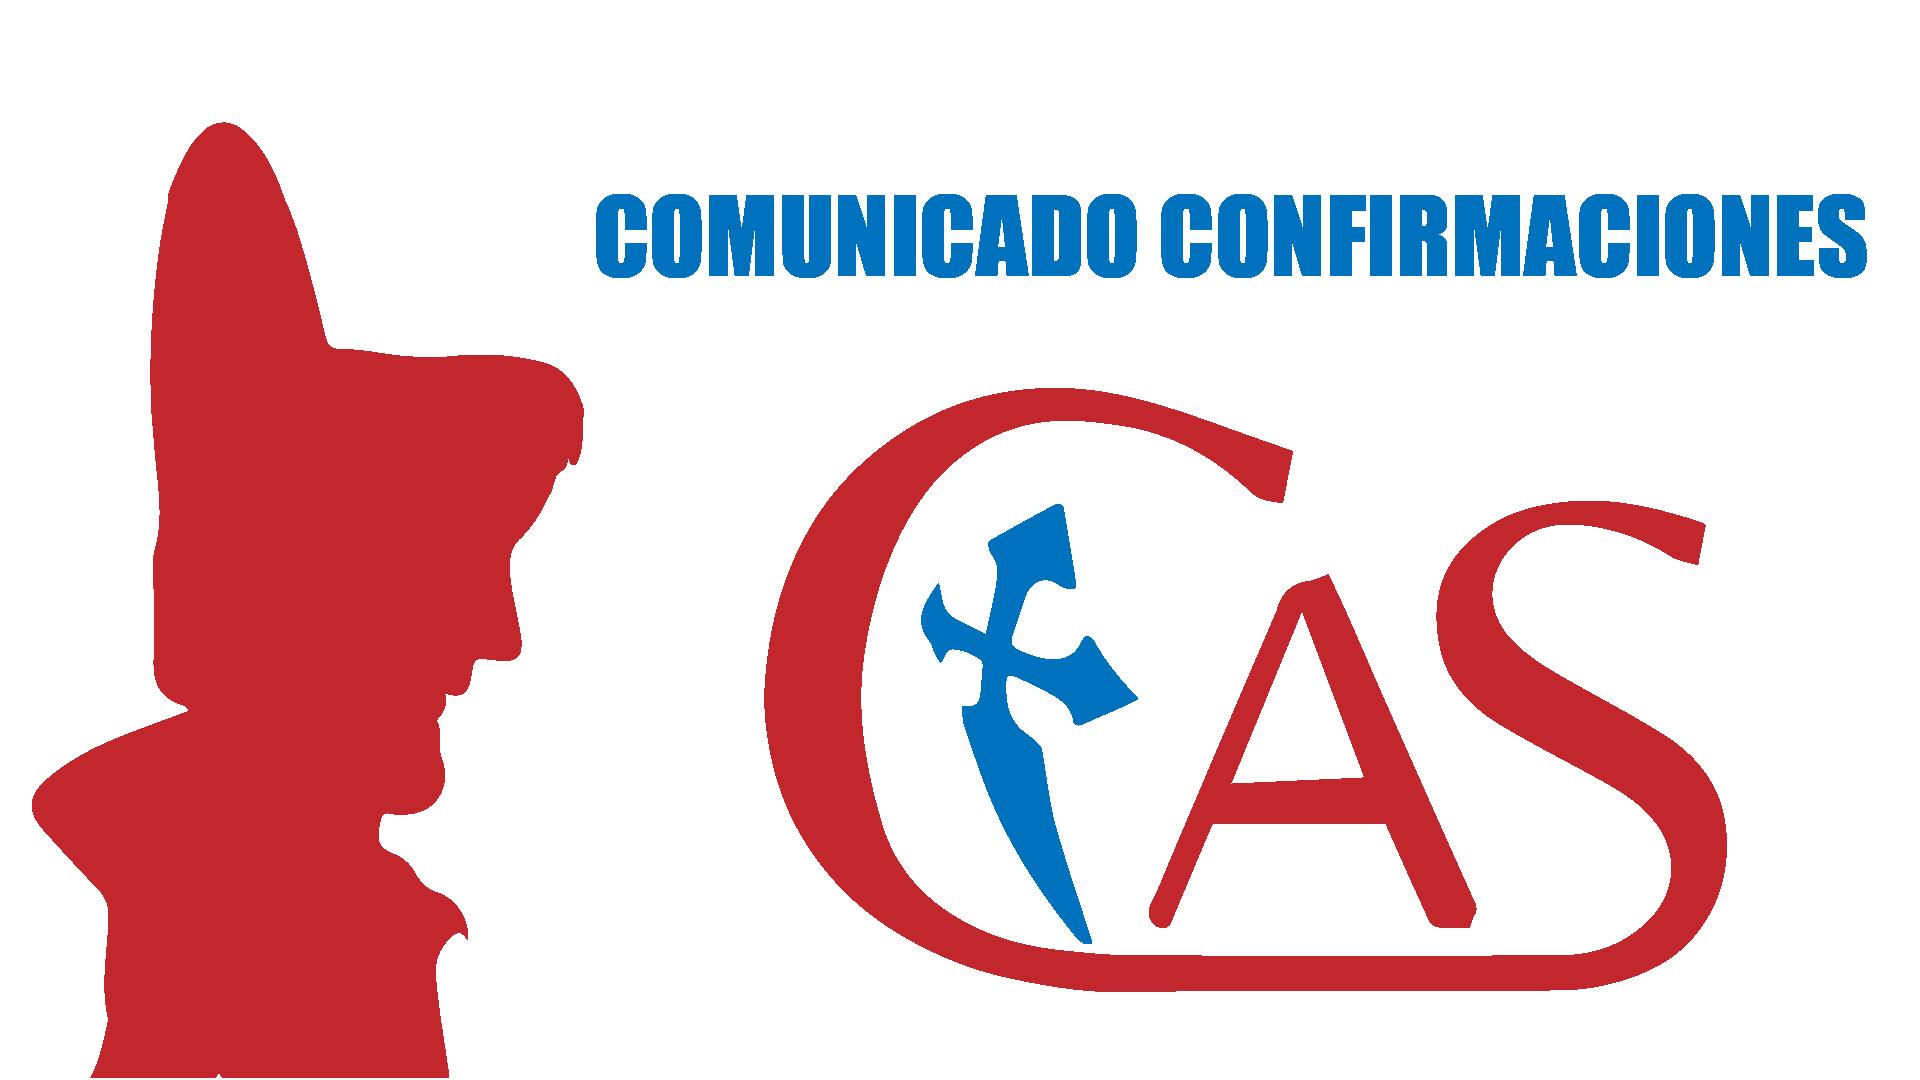 COMUNICADO FECHA CONFIRMACIONES